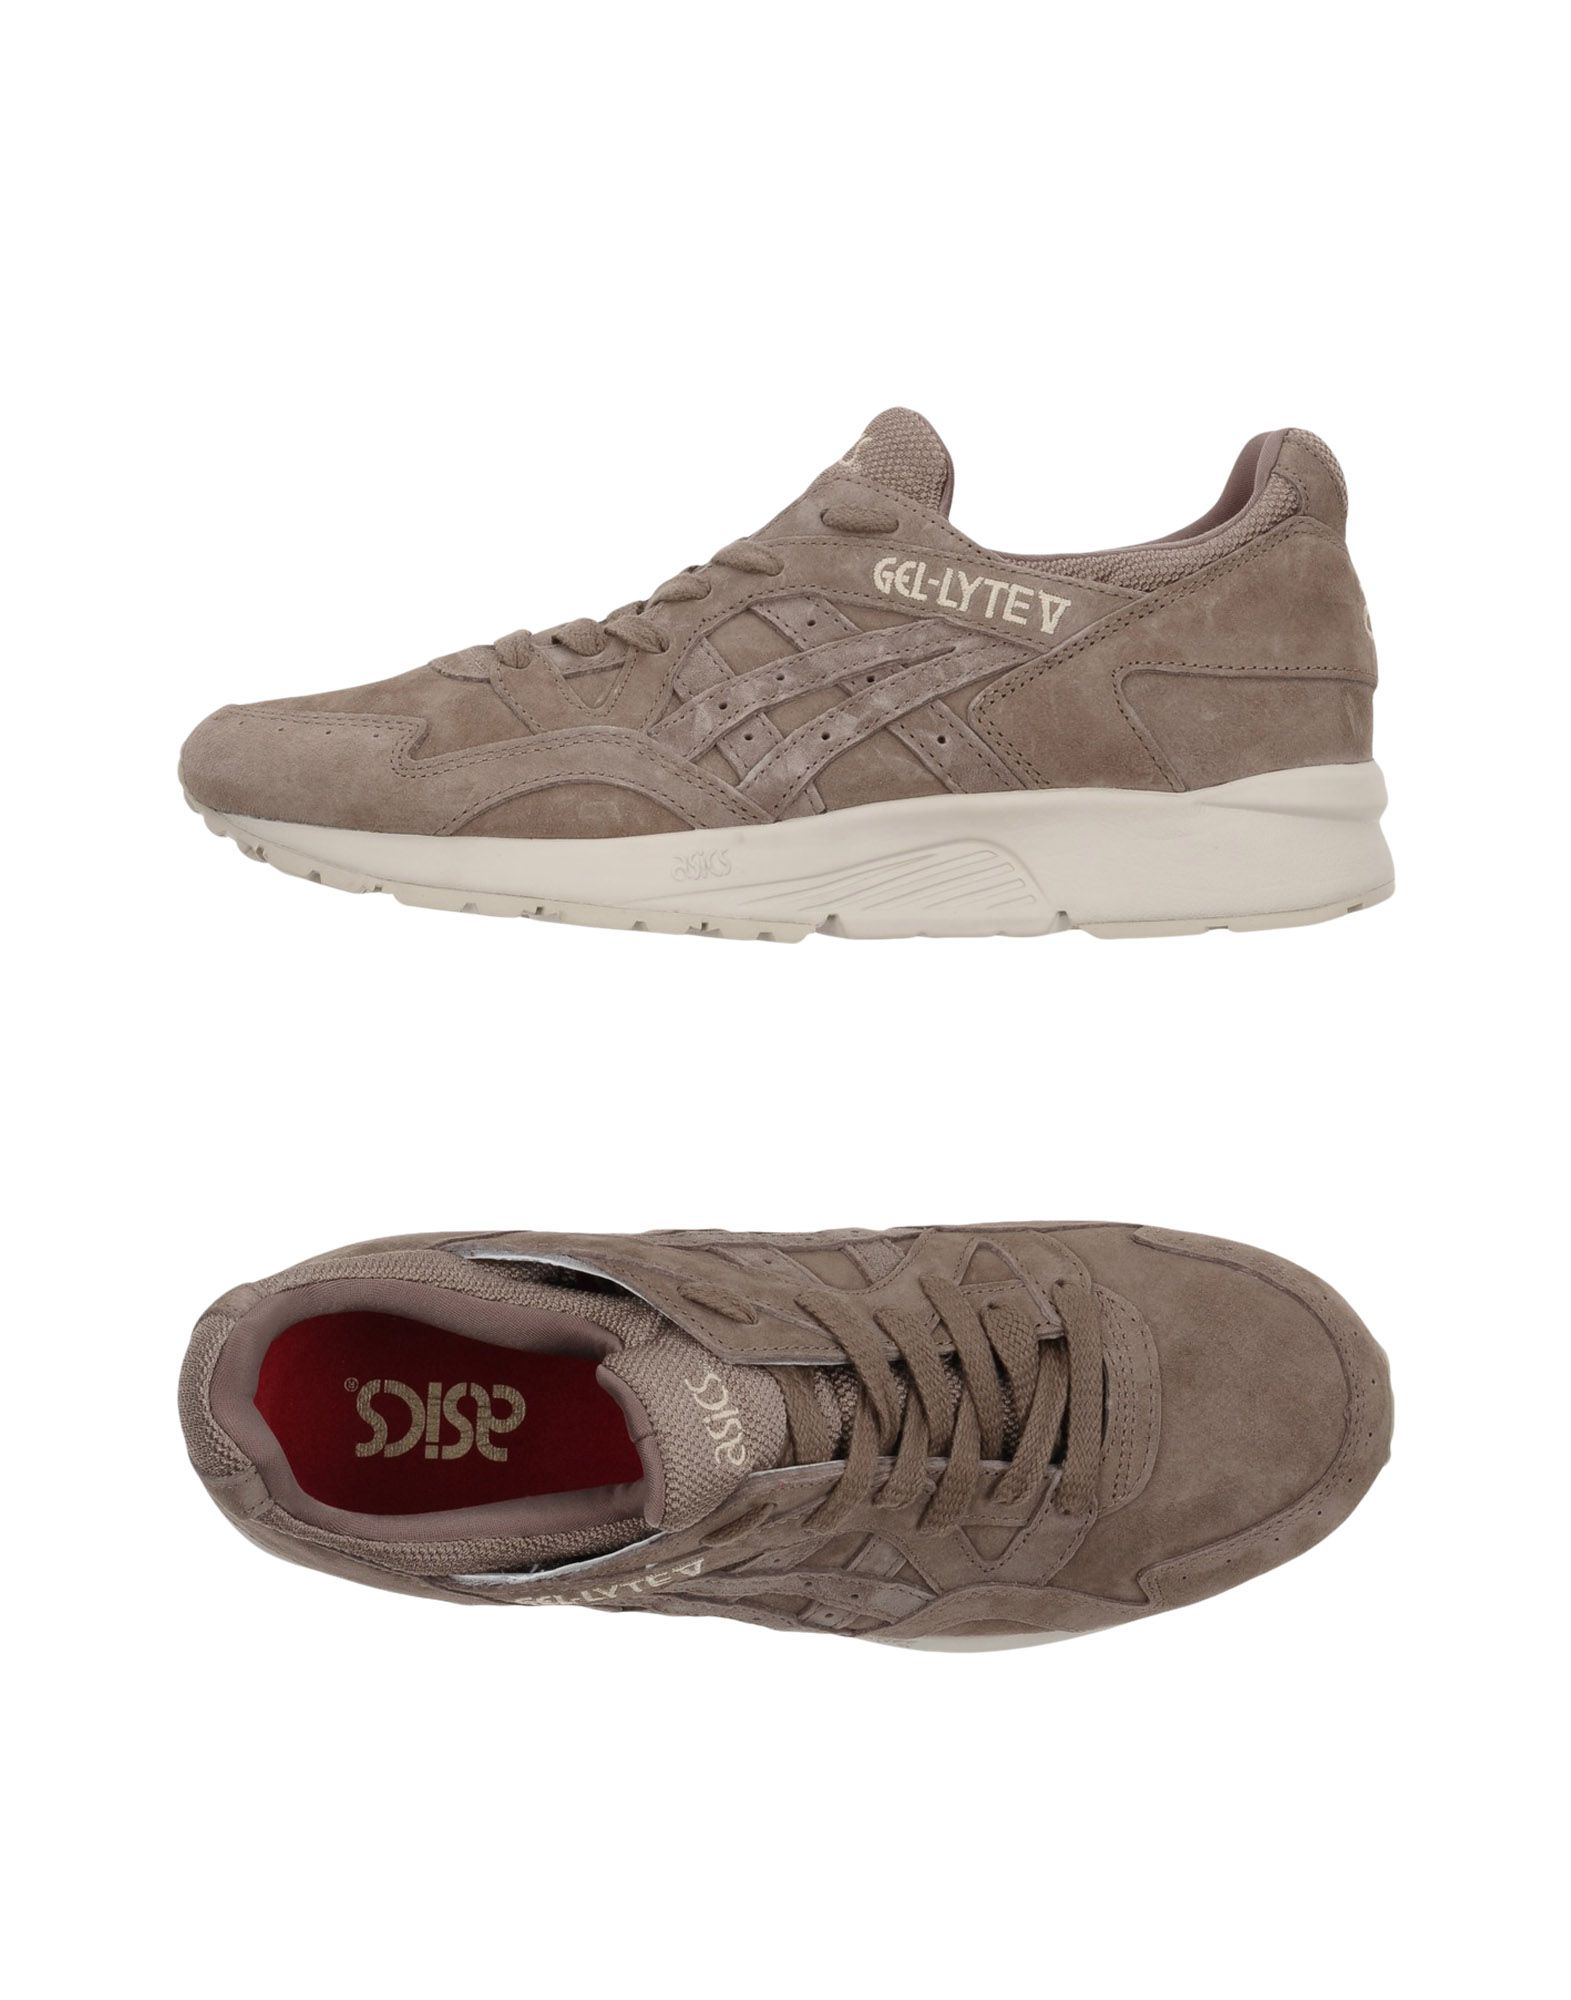 Rabatt echte  Schuhe Asics Sneakers Herren  echte 11360456SM 0ed92f